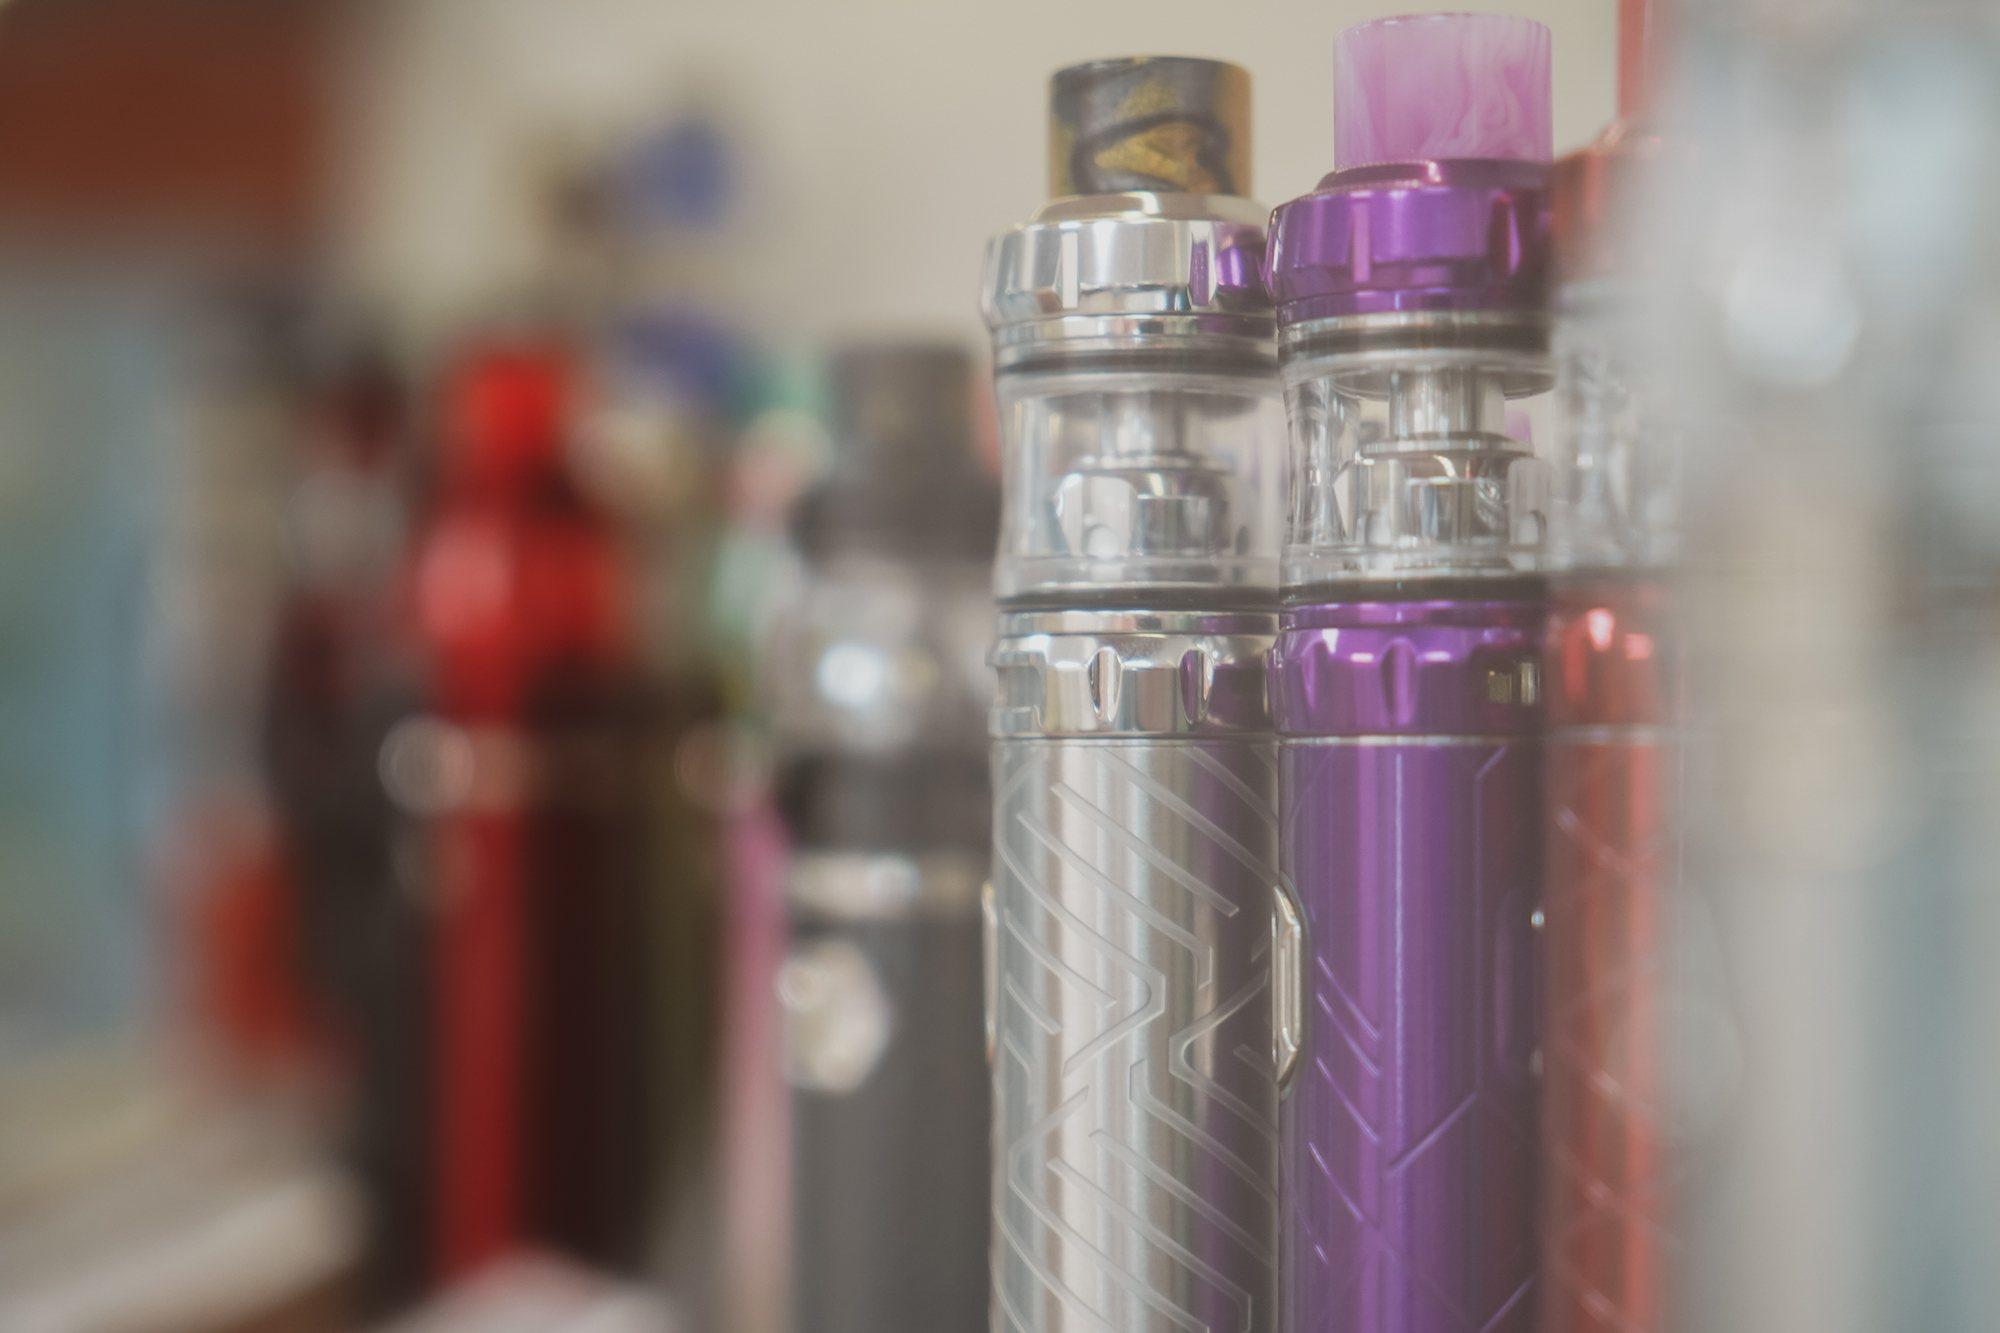 Купить электронные сигареты в алтуфьево реклама табака табачных изделий и курительных принадлежностей статья